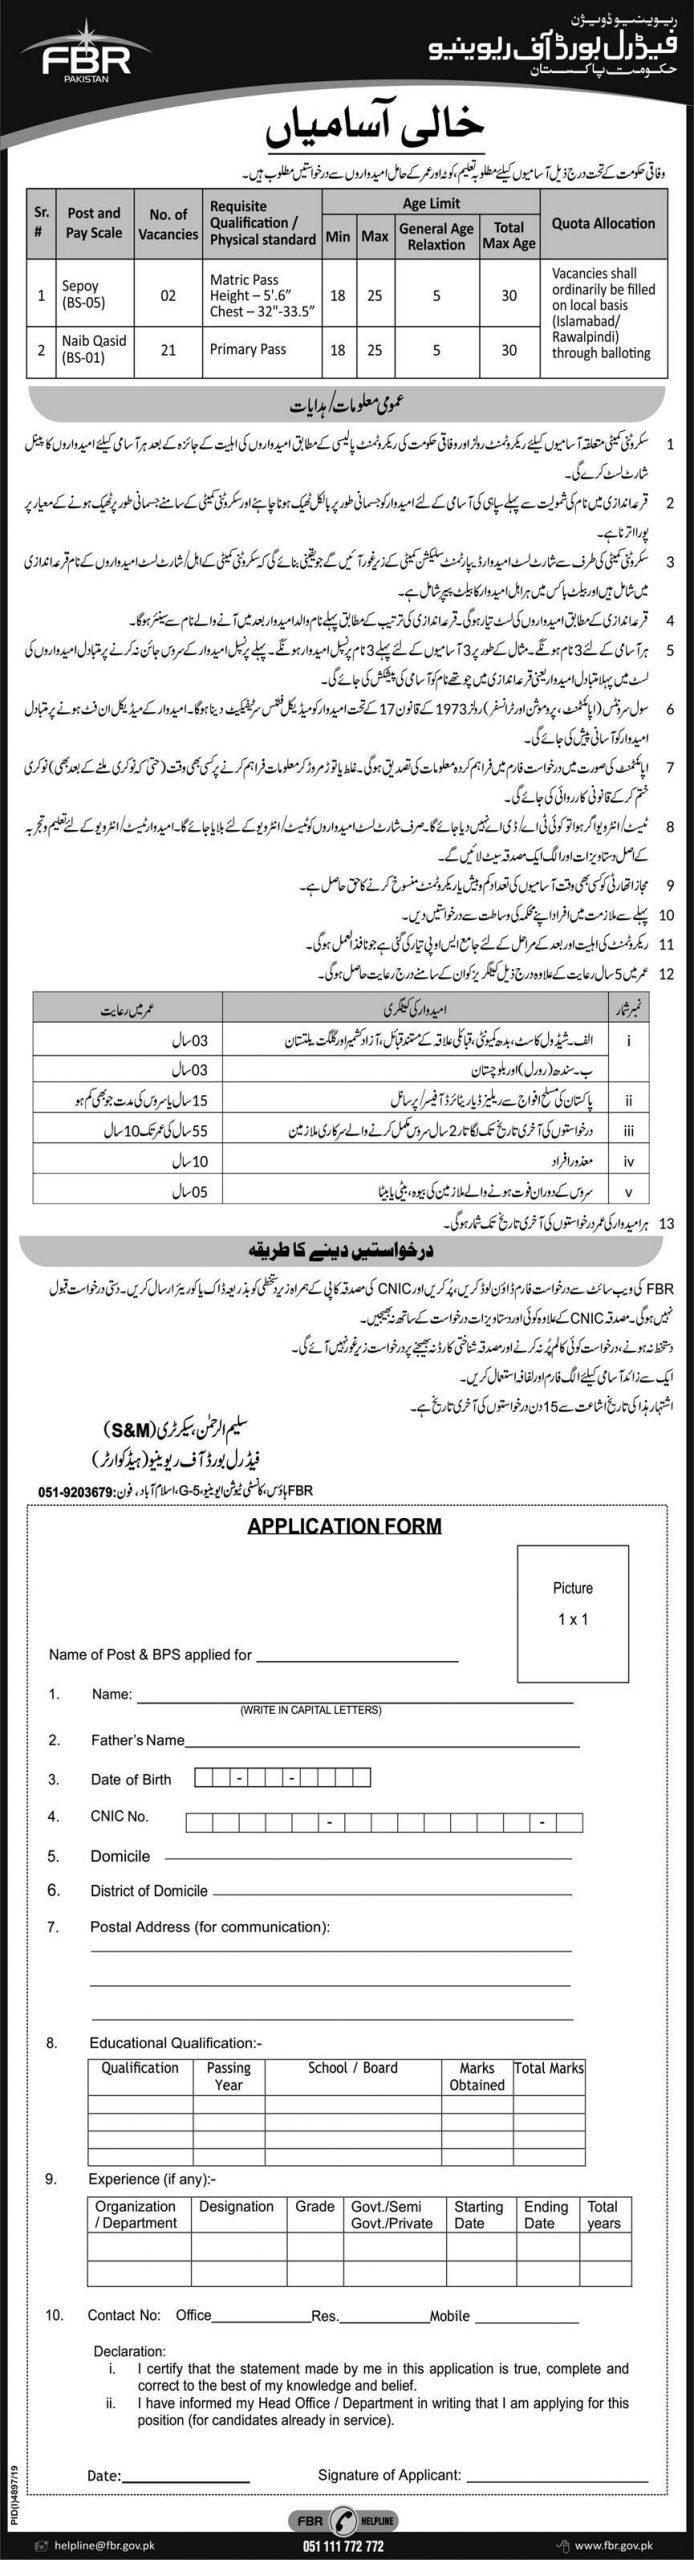 FBR Jobs 2020 Sepoy & Naib Qasid Vacancies